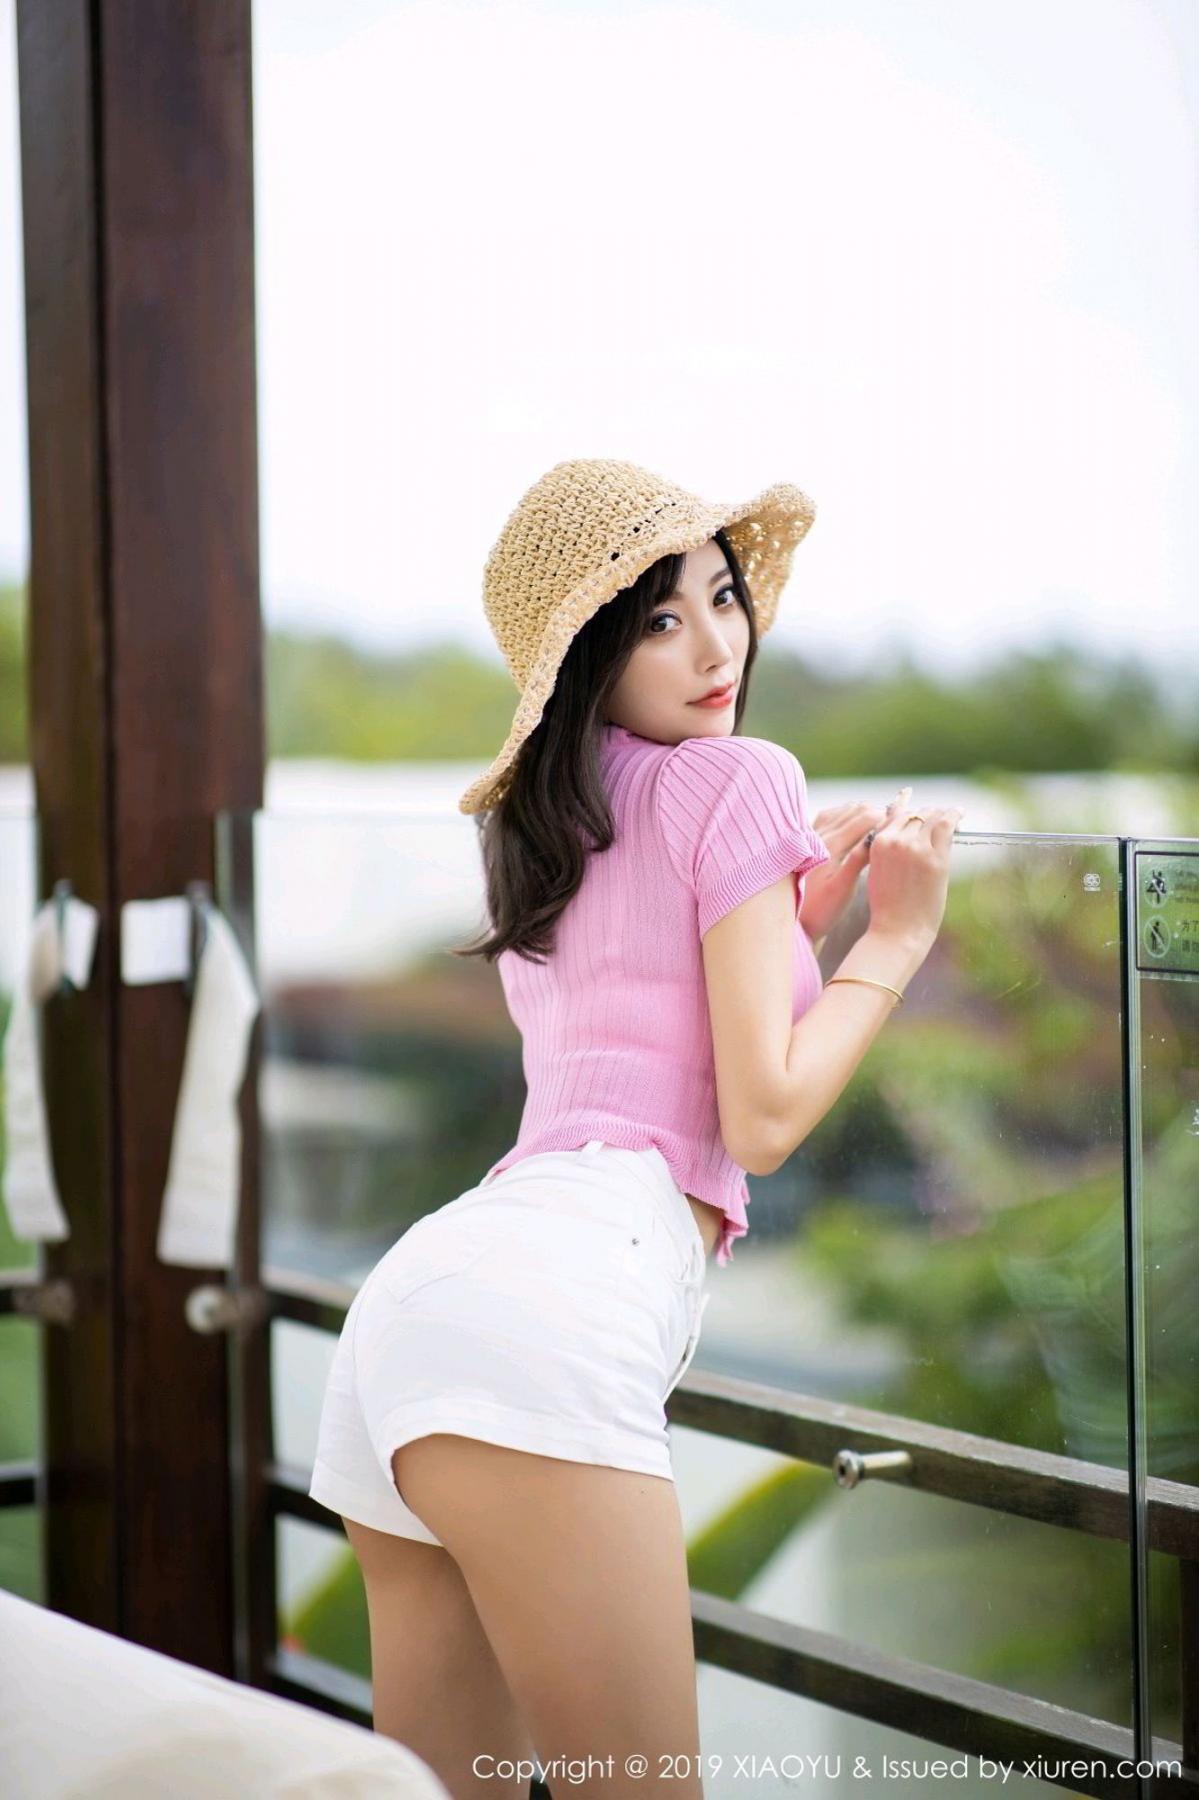 [XiaoYu] Vol.169 Yang Chen Chen 8P, Outdoor, Underwear, XiaoYu, Yang Chen Chen